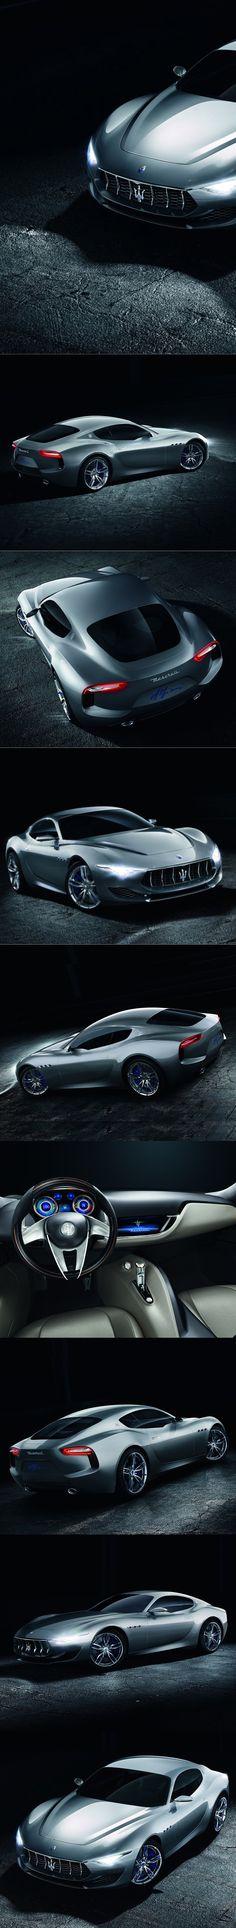 2014 Maserati Alfieri / Italy / concept / silver / 17-308